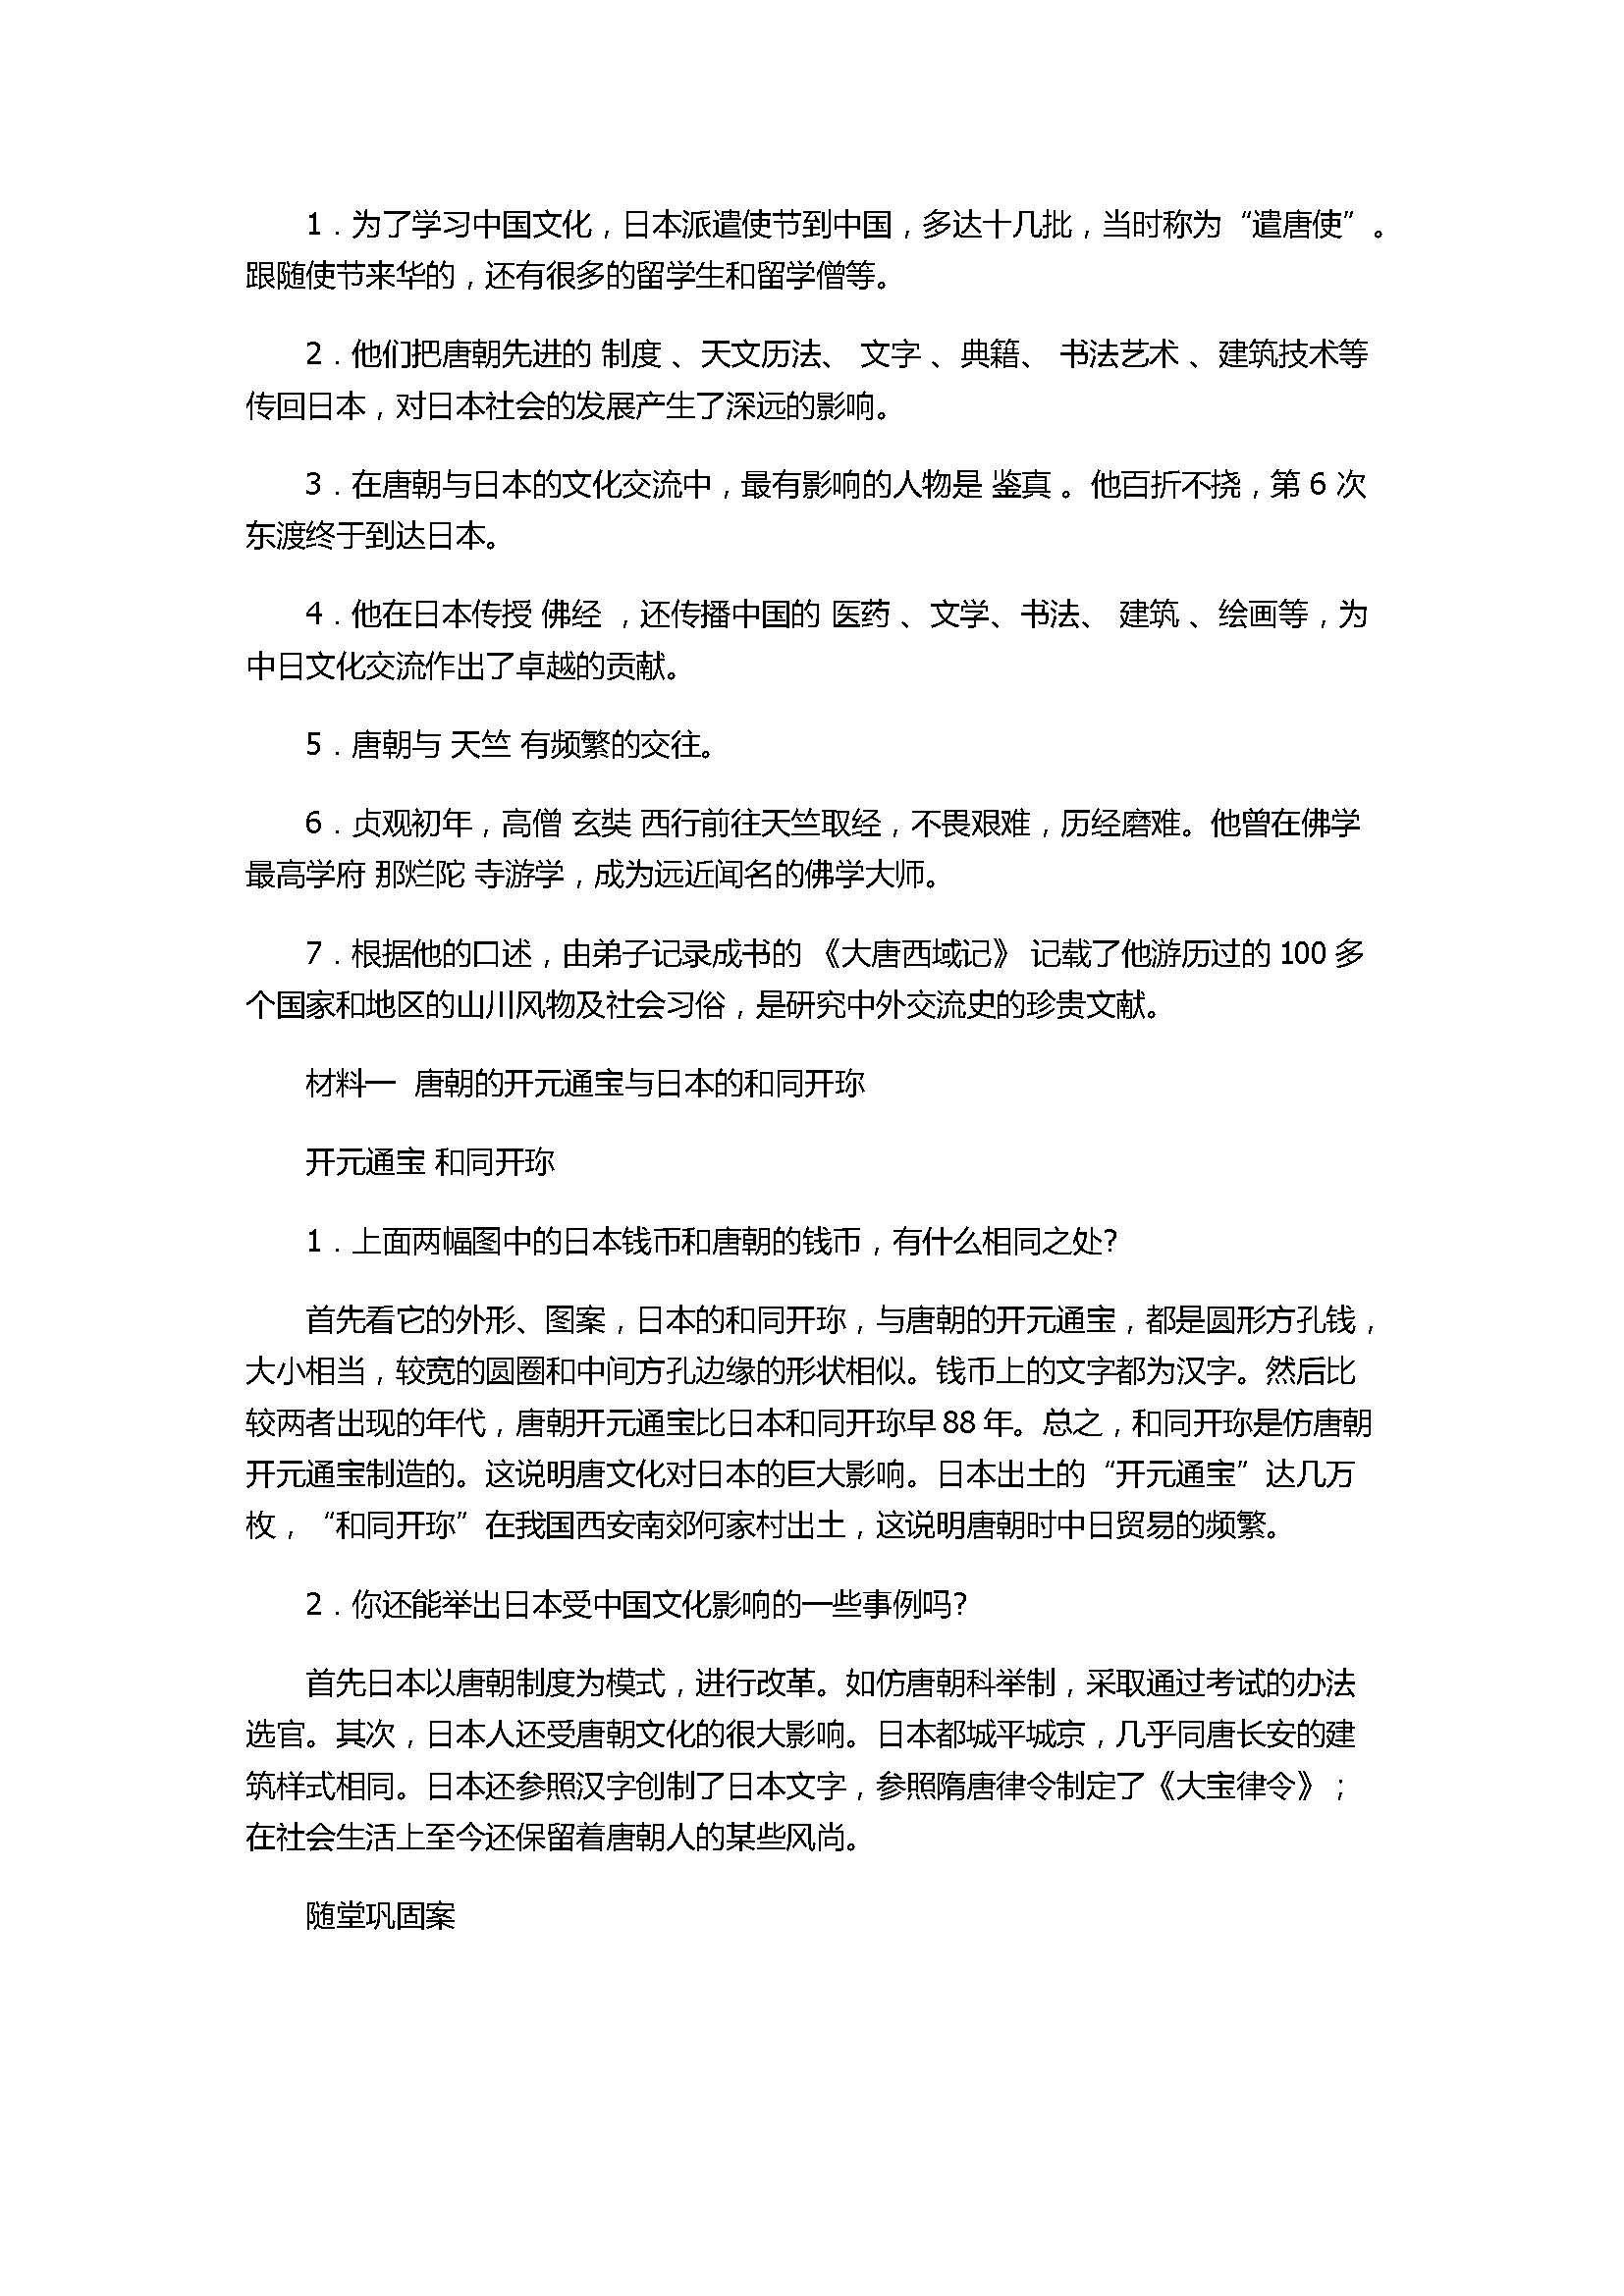 2017七年级下册历史《唐朝的中外交流》同步练习题附答案